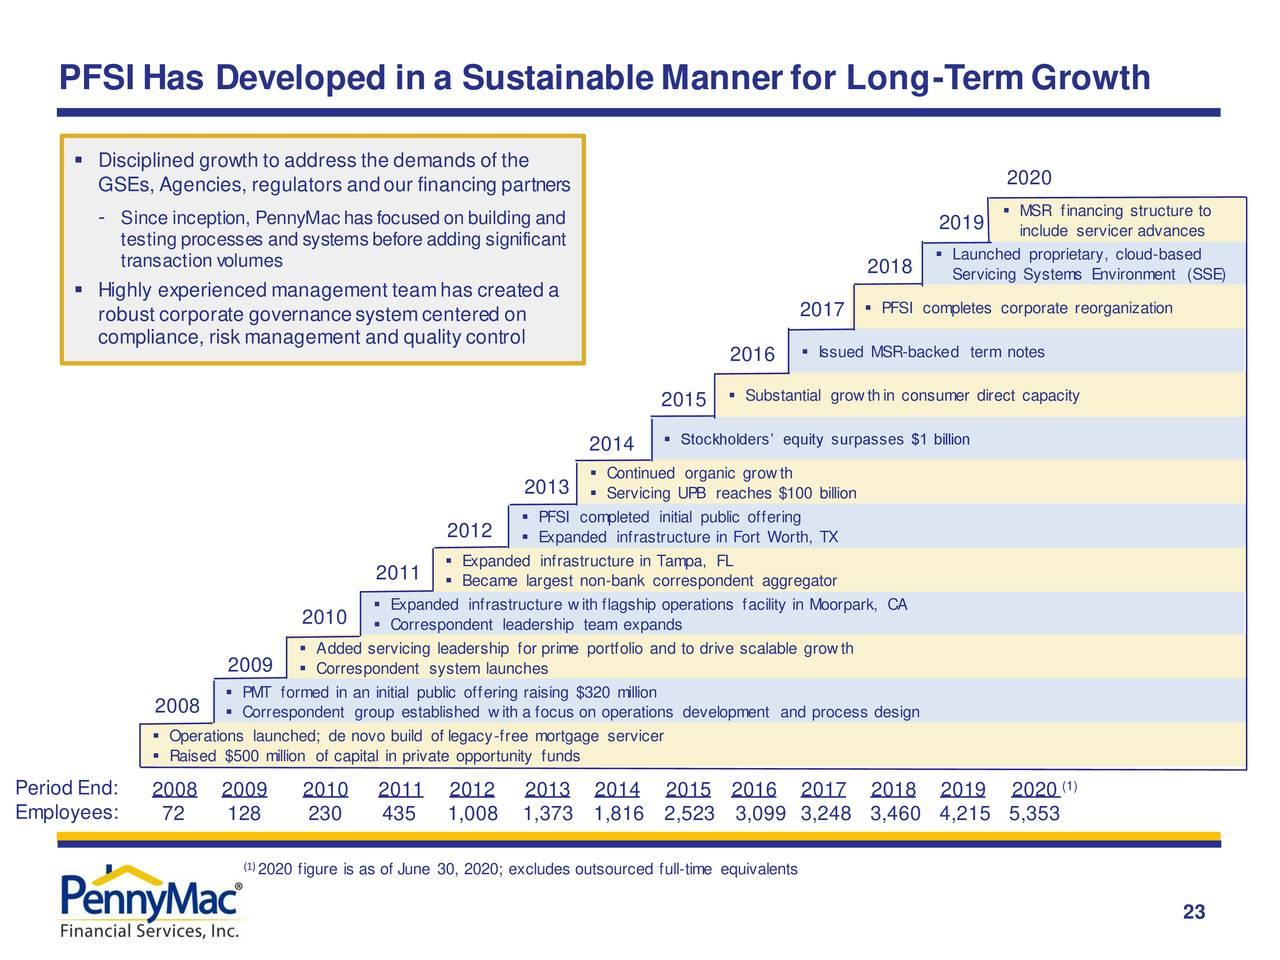 PFSI se ha desarrollado de manera sostenible para un crecimiento a largo plazo